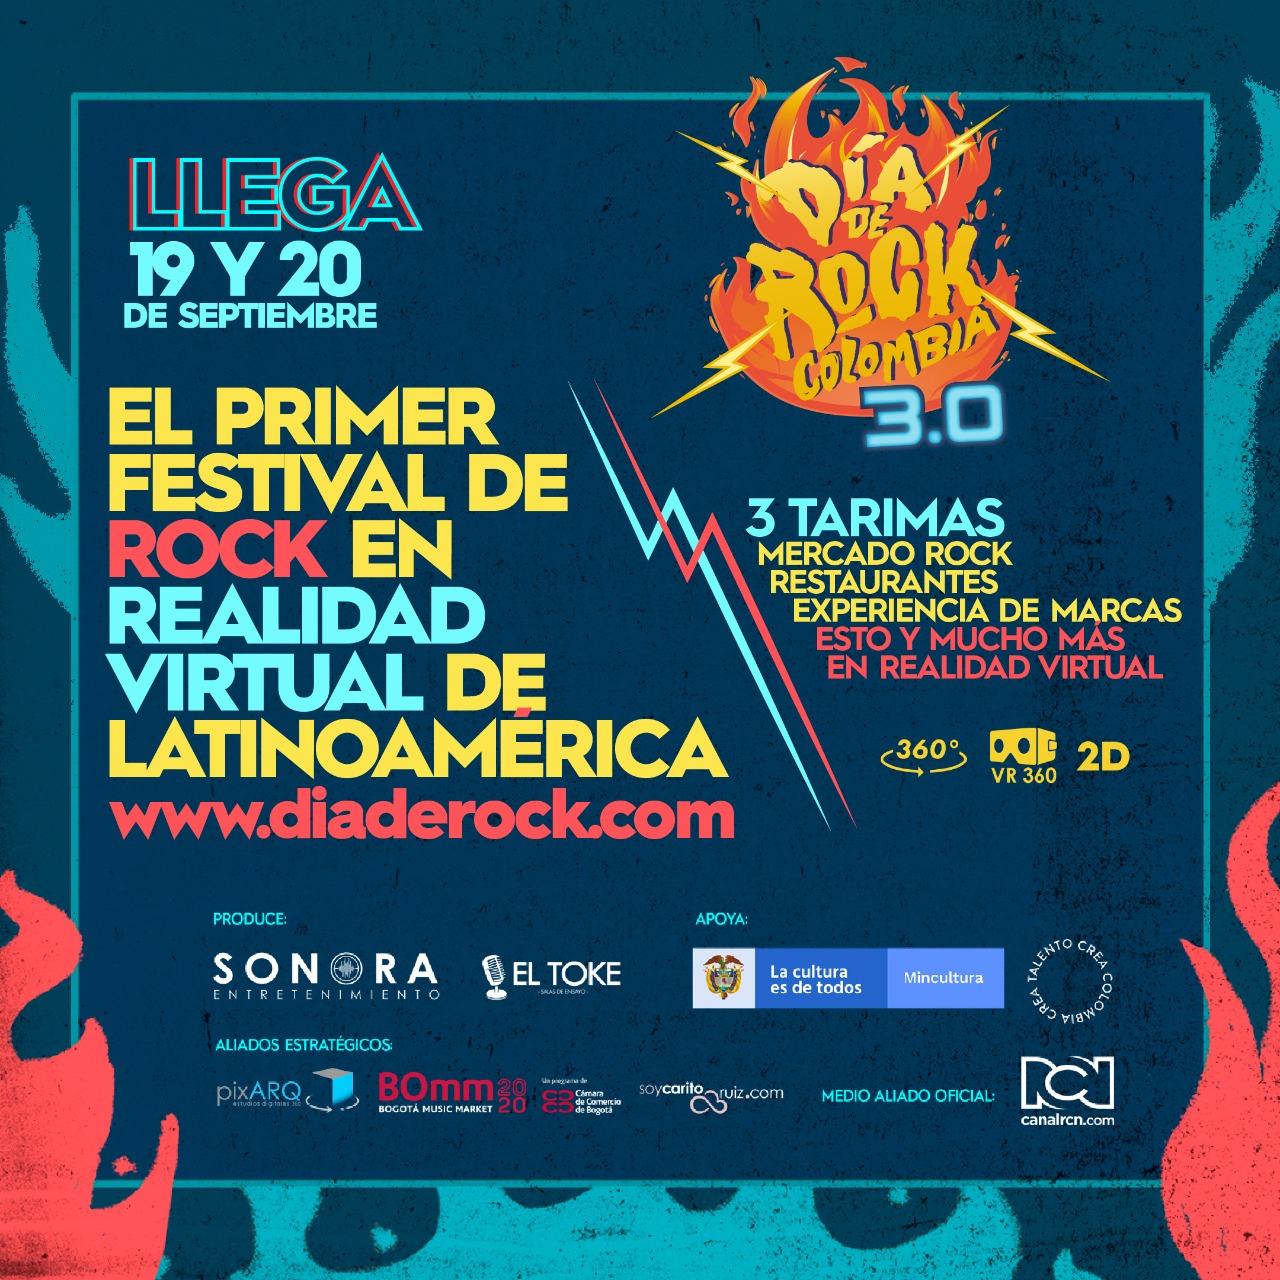 Día de Rock Colombia 3.0: El primer festival en realidad virtual de Latinoamérica